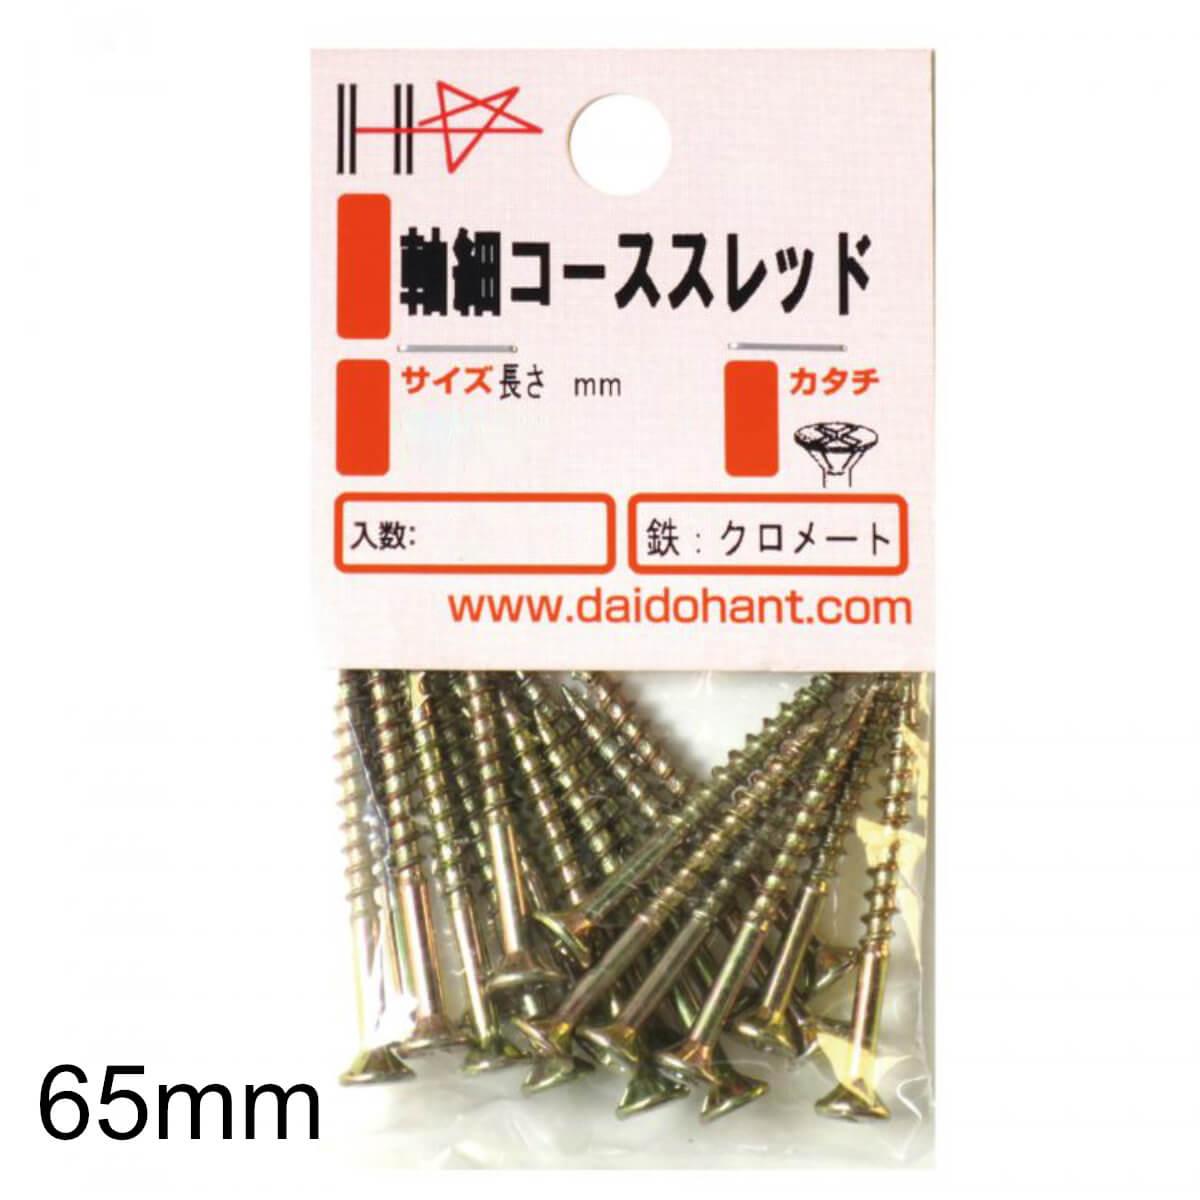 軸細コーススレッド 65mm 8本入